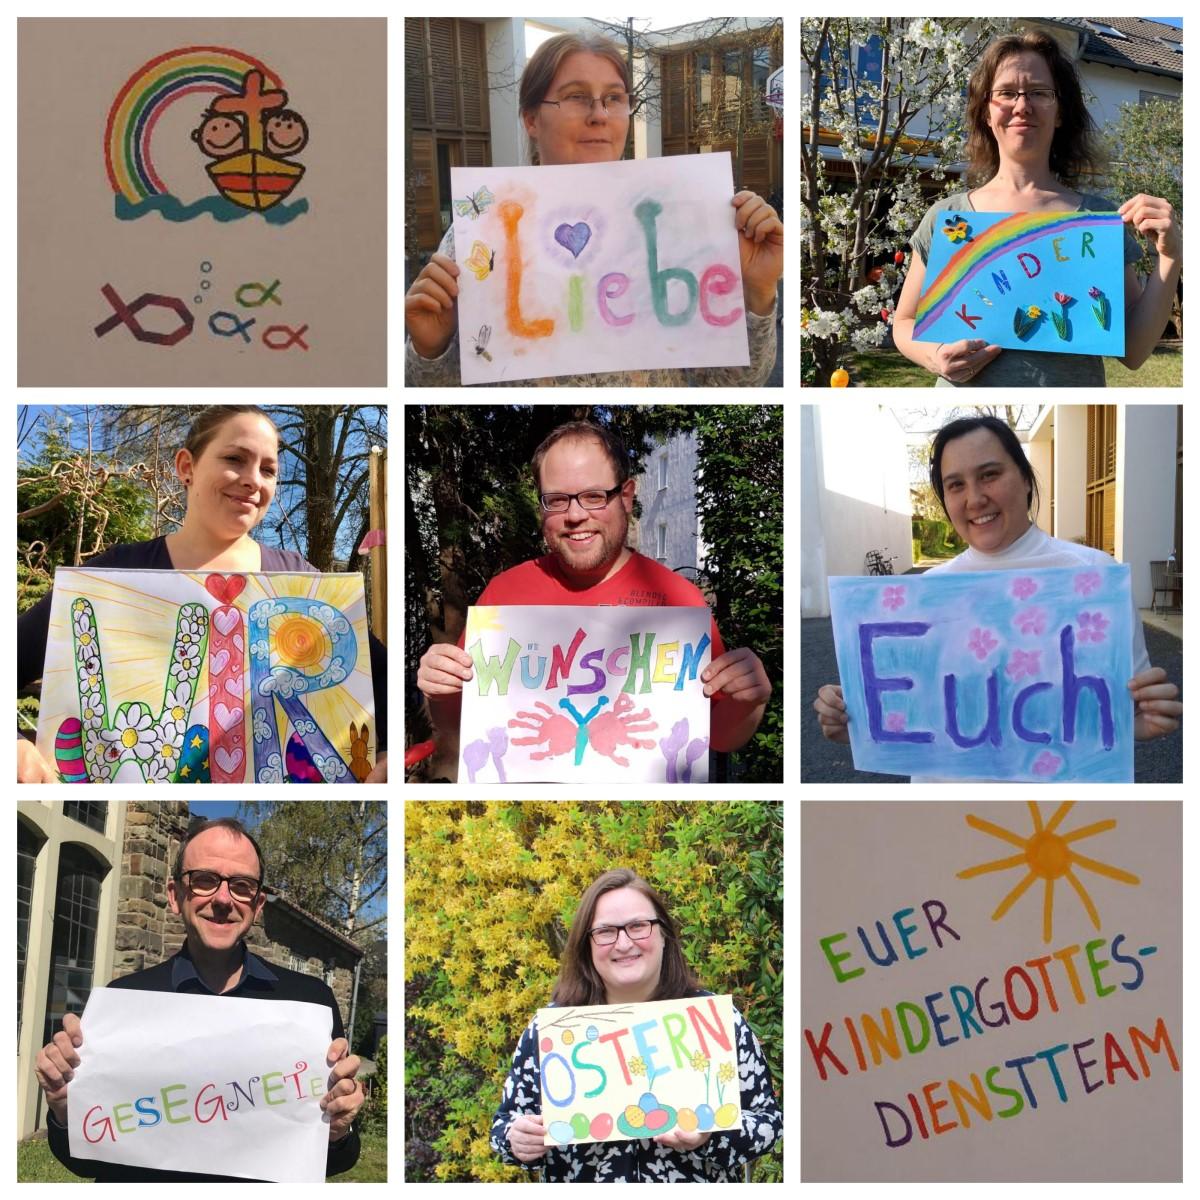 OStergruß des Kindergottesdienst-Teams der Evangelischen Lukaskirchengemeinde Bonn